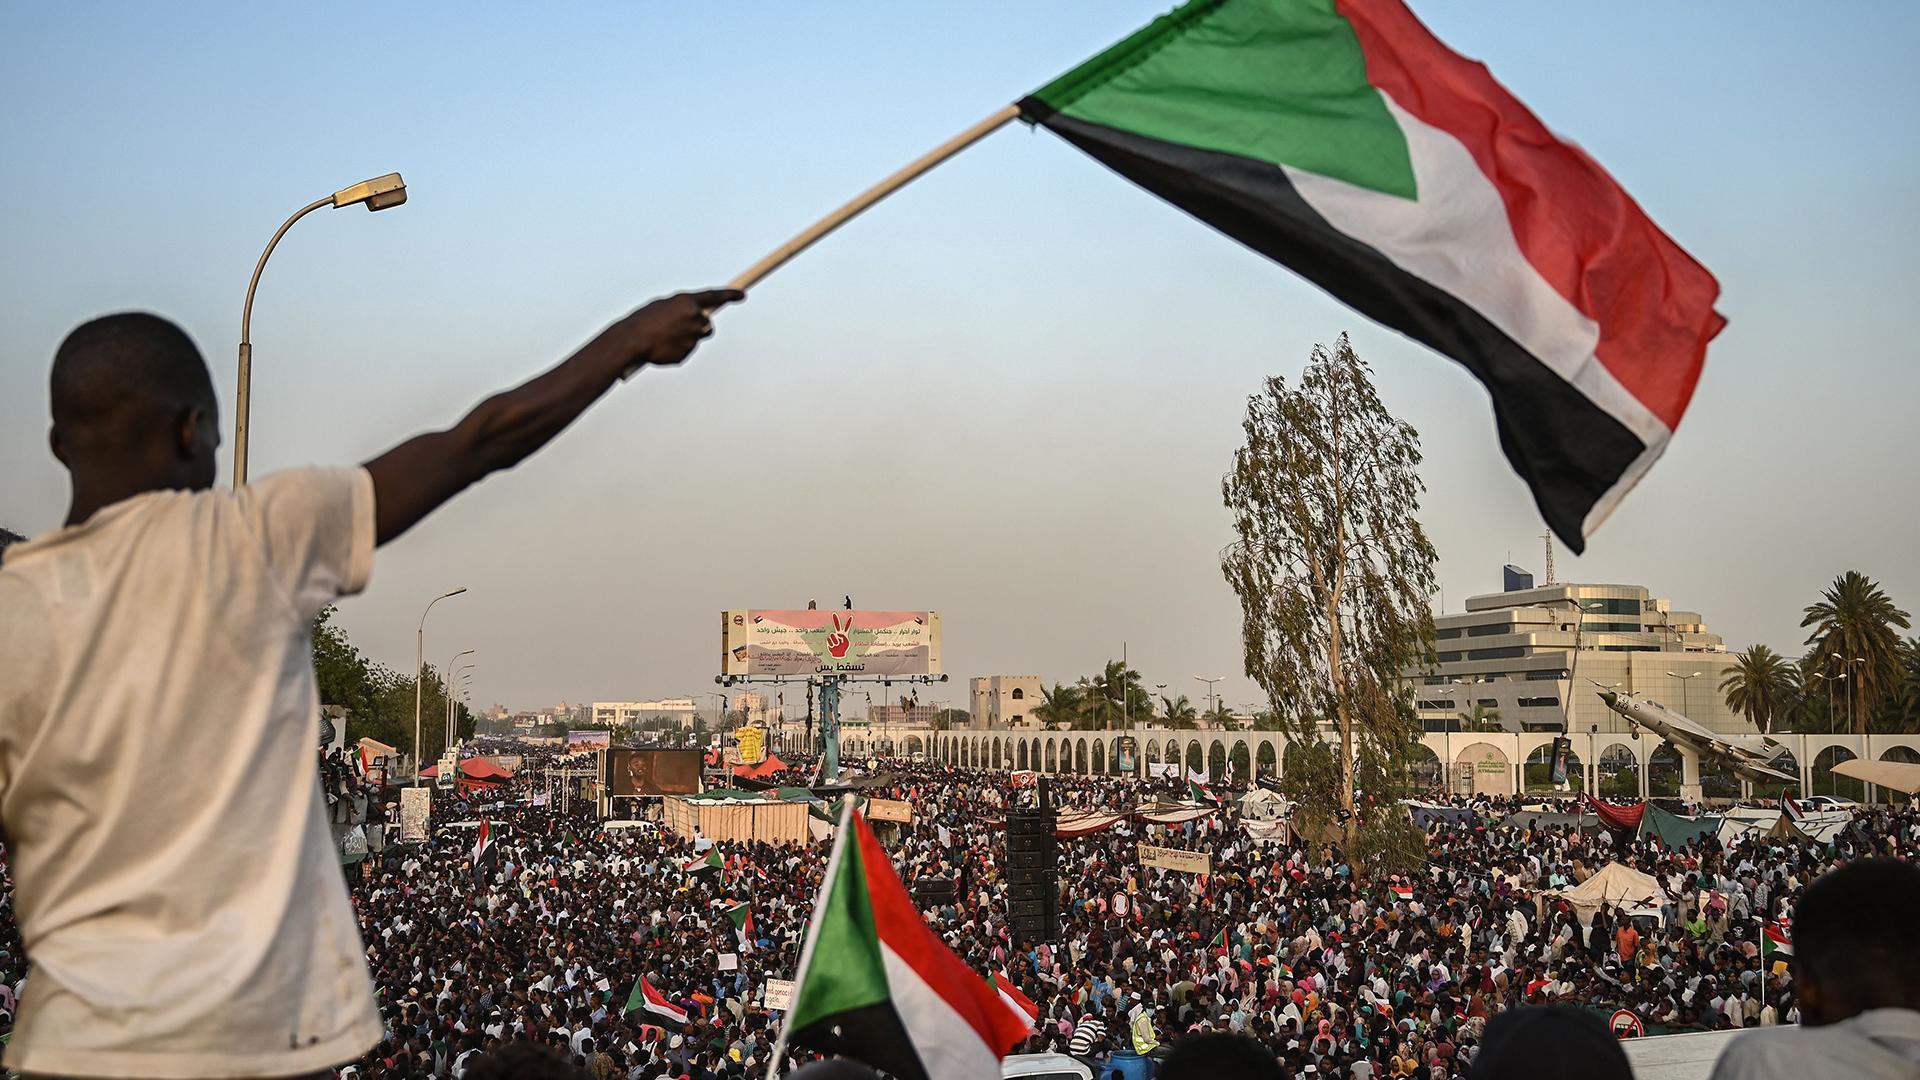 السودان-..-مطالب-بحكومة-مدنية-